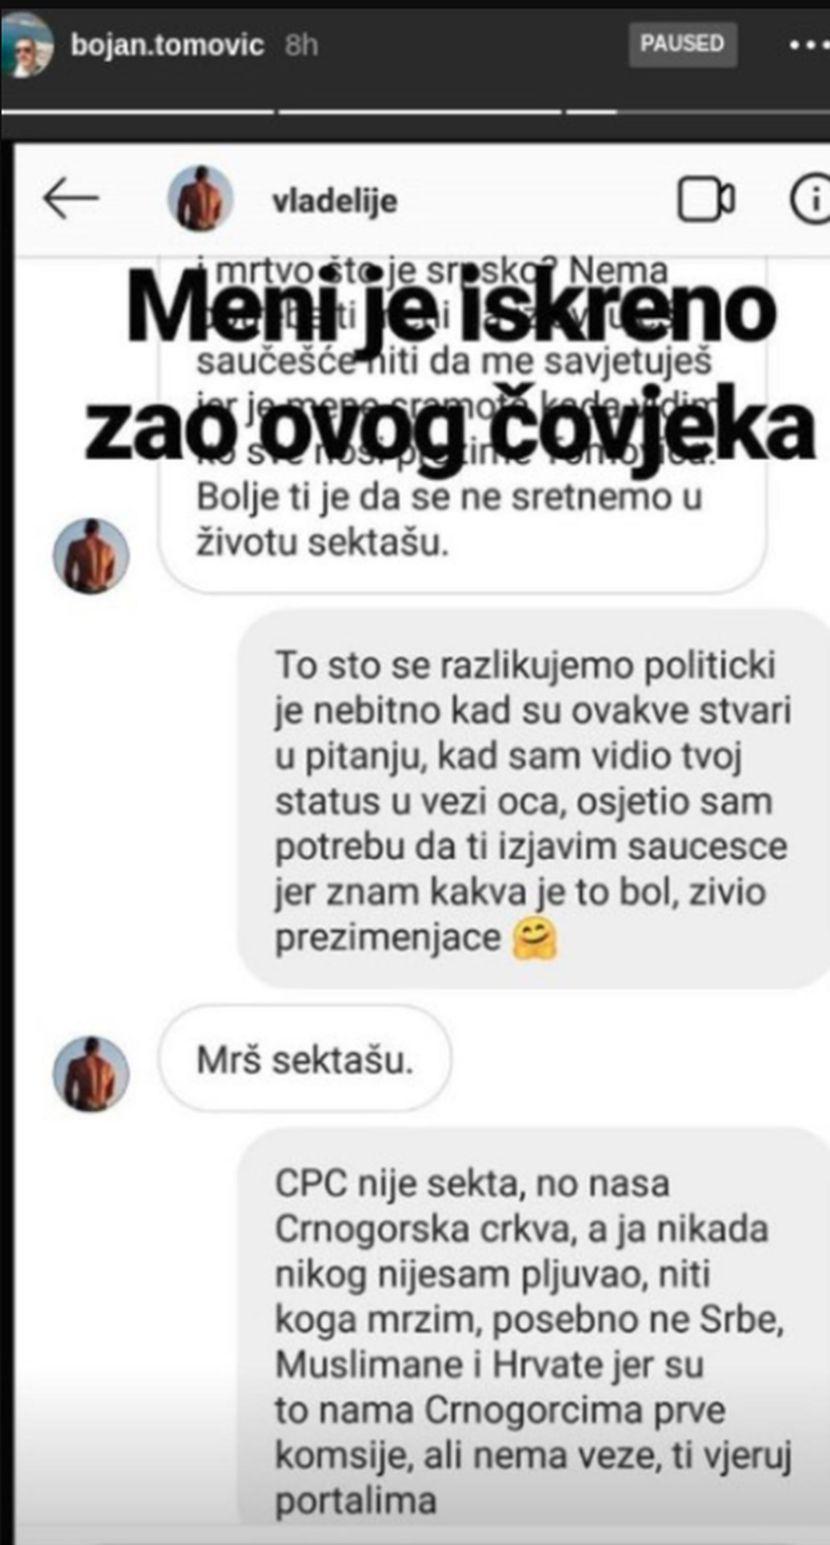 Tomovići